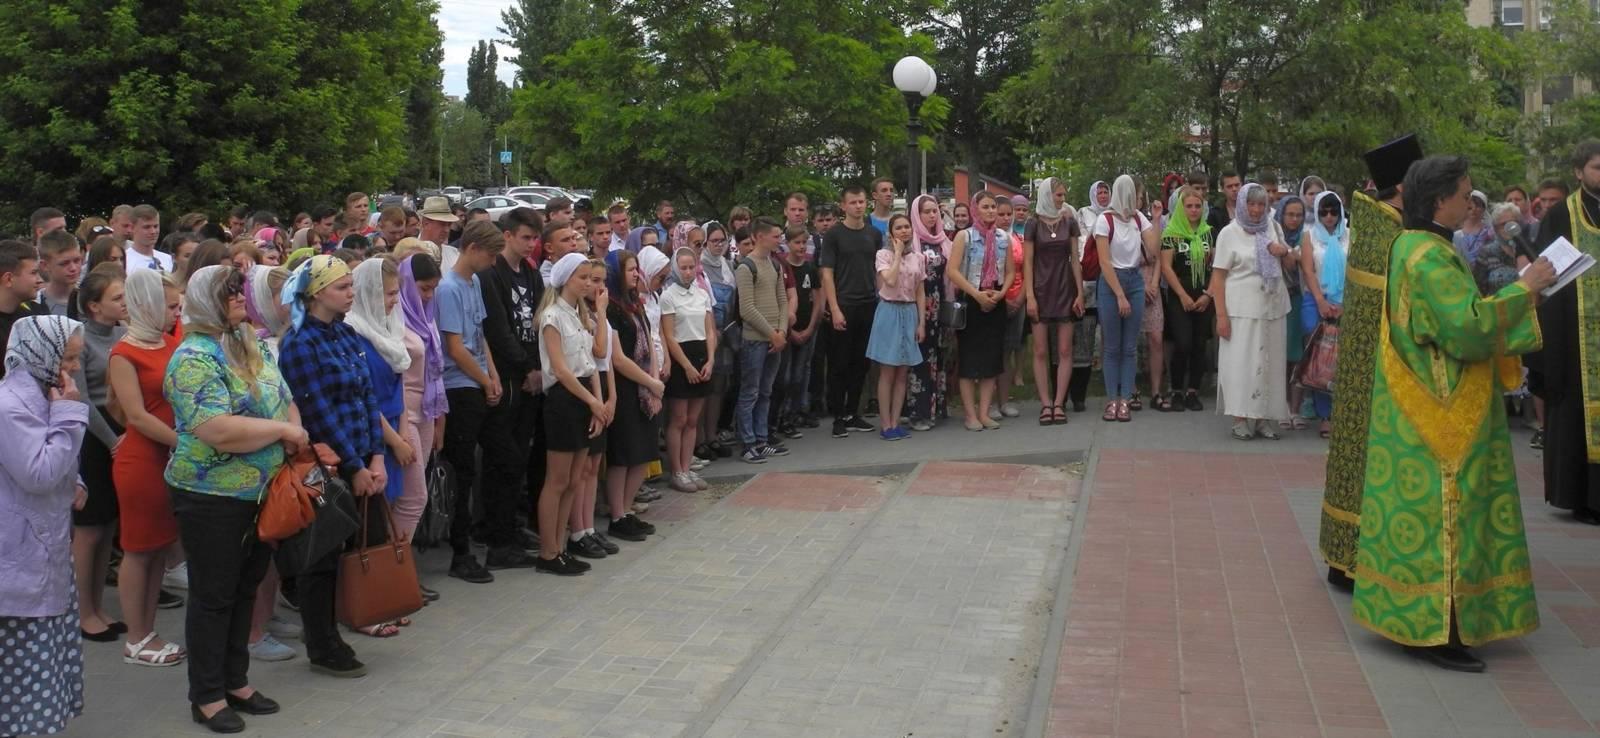 Молебен для учащих и учащихся перед началом экзаменов в г. Урюпинске.